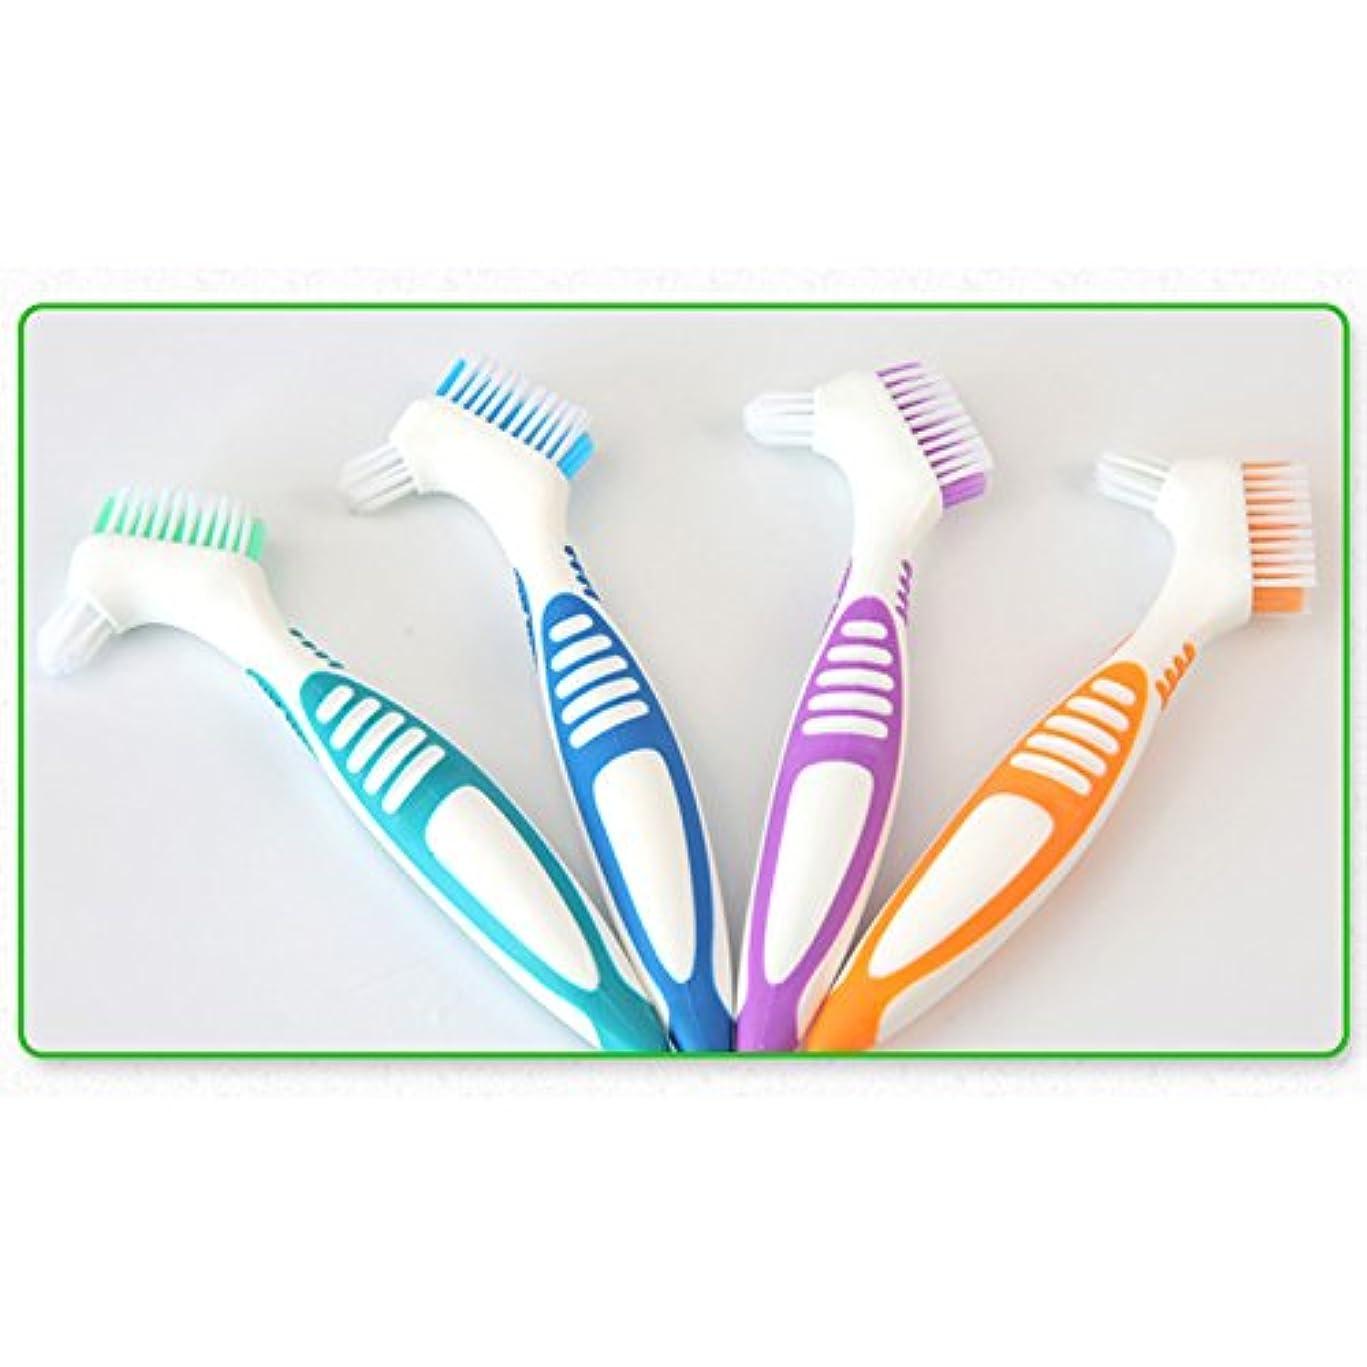 階段ぐったり不屈Liebeye 偽歯ブラシ 口腔ケアツール 歯洗浄 ブラシポータブル 多層ブリストル ブルー